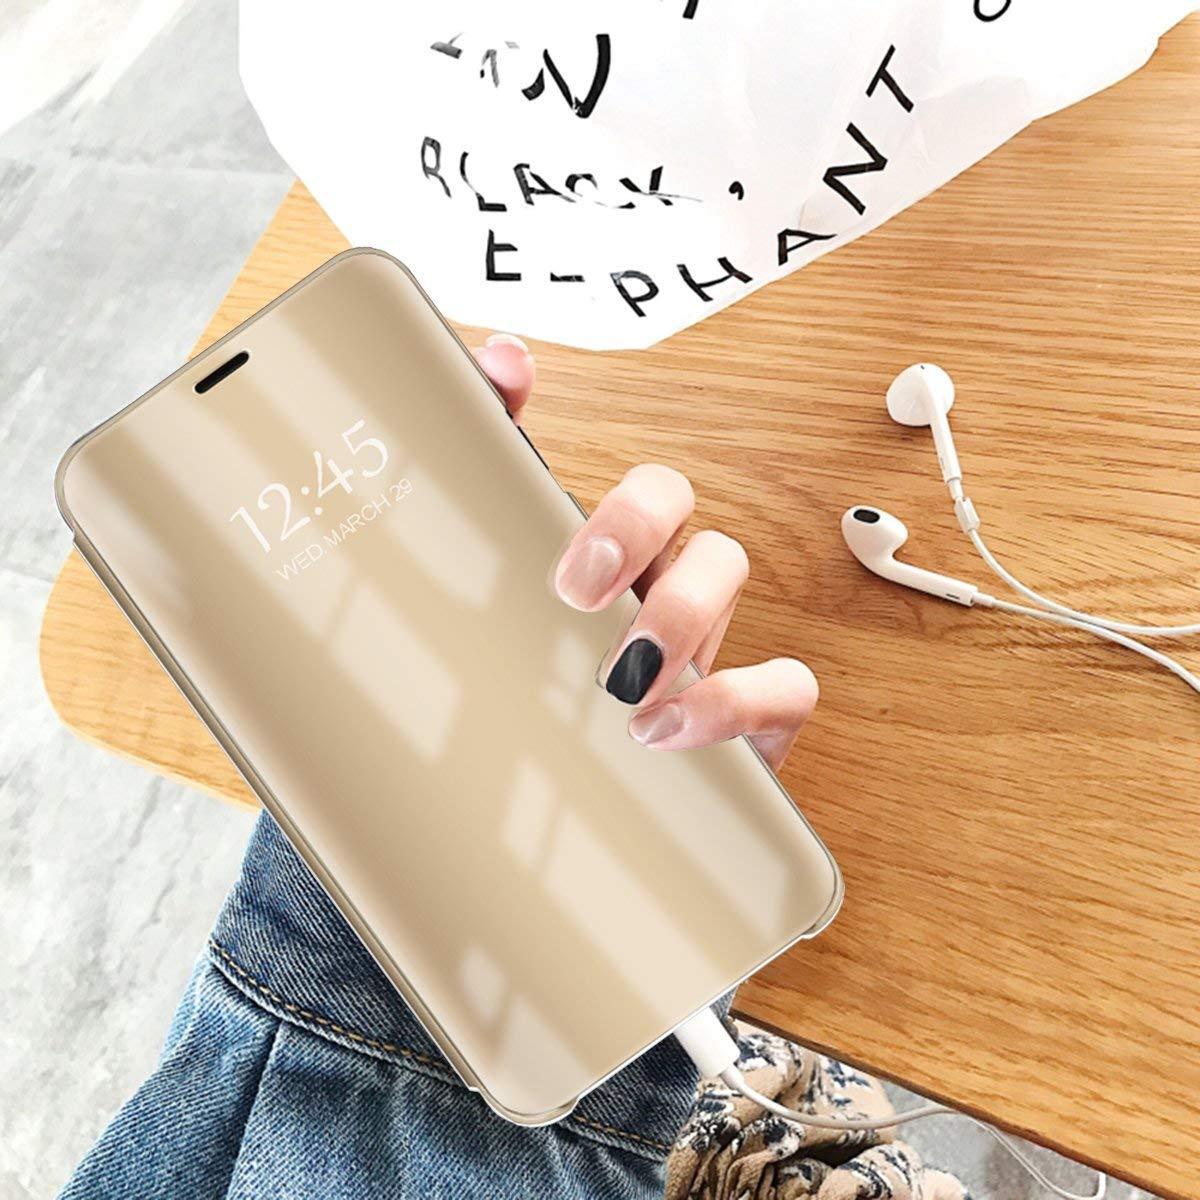 Caler Huawei Mate 10 Pro//Mate 20 Pro//Mate 20 Lite H/ülle Spiegel Cover Case Flip Schutzh/ülle Clear View Tasche Handyh/ülle mit Handy Mirror D/ünn Sto/ßfest Mate 20 Pro, Gold